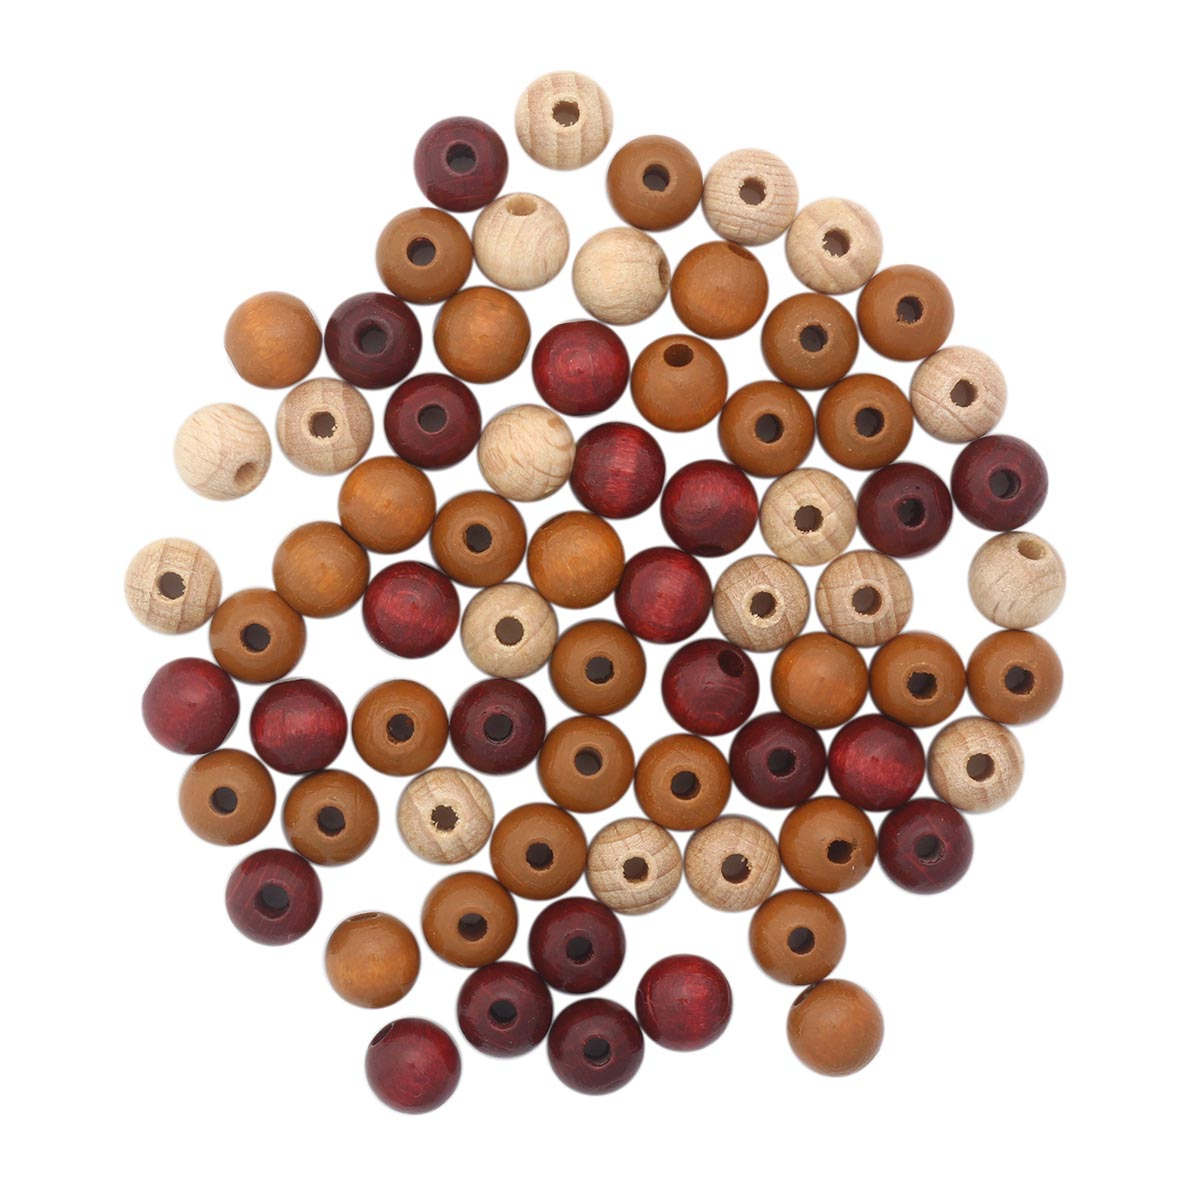 61653056 Бусины дерево, коричневый микс, 8 мм, упак./80 шт., Glorex